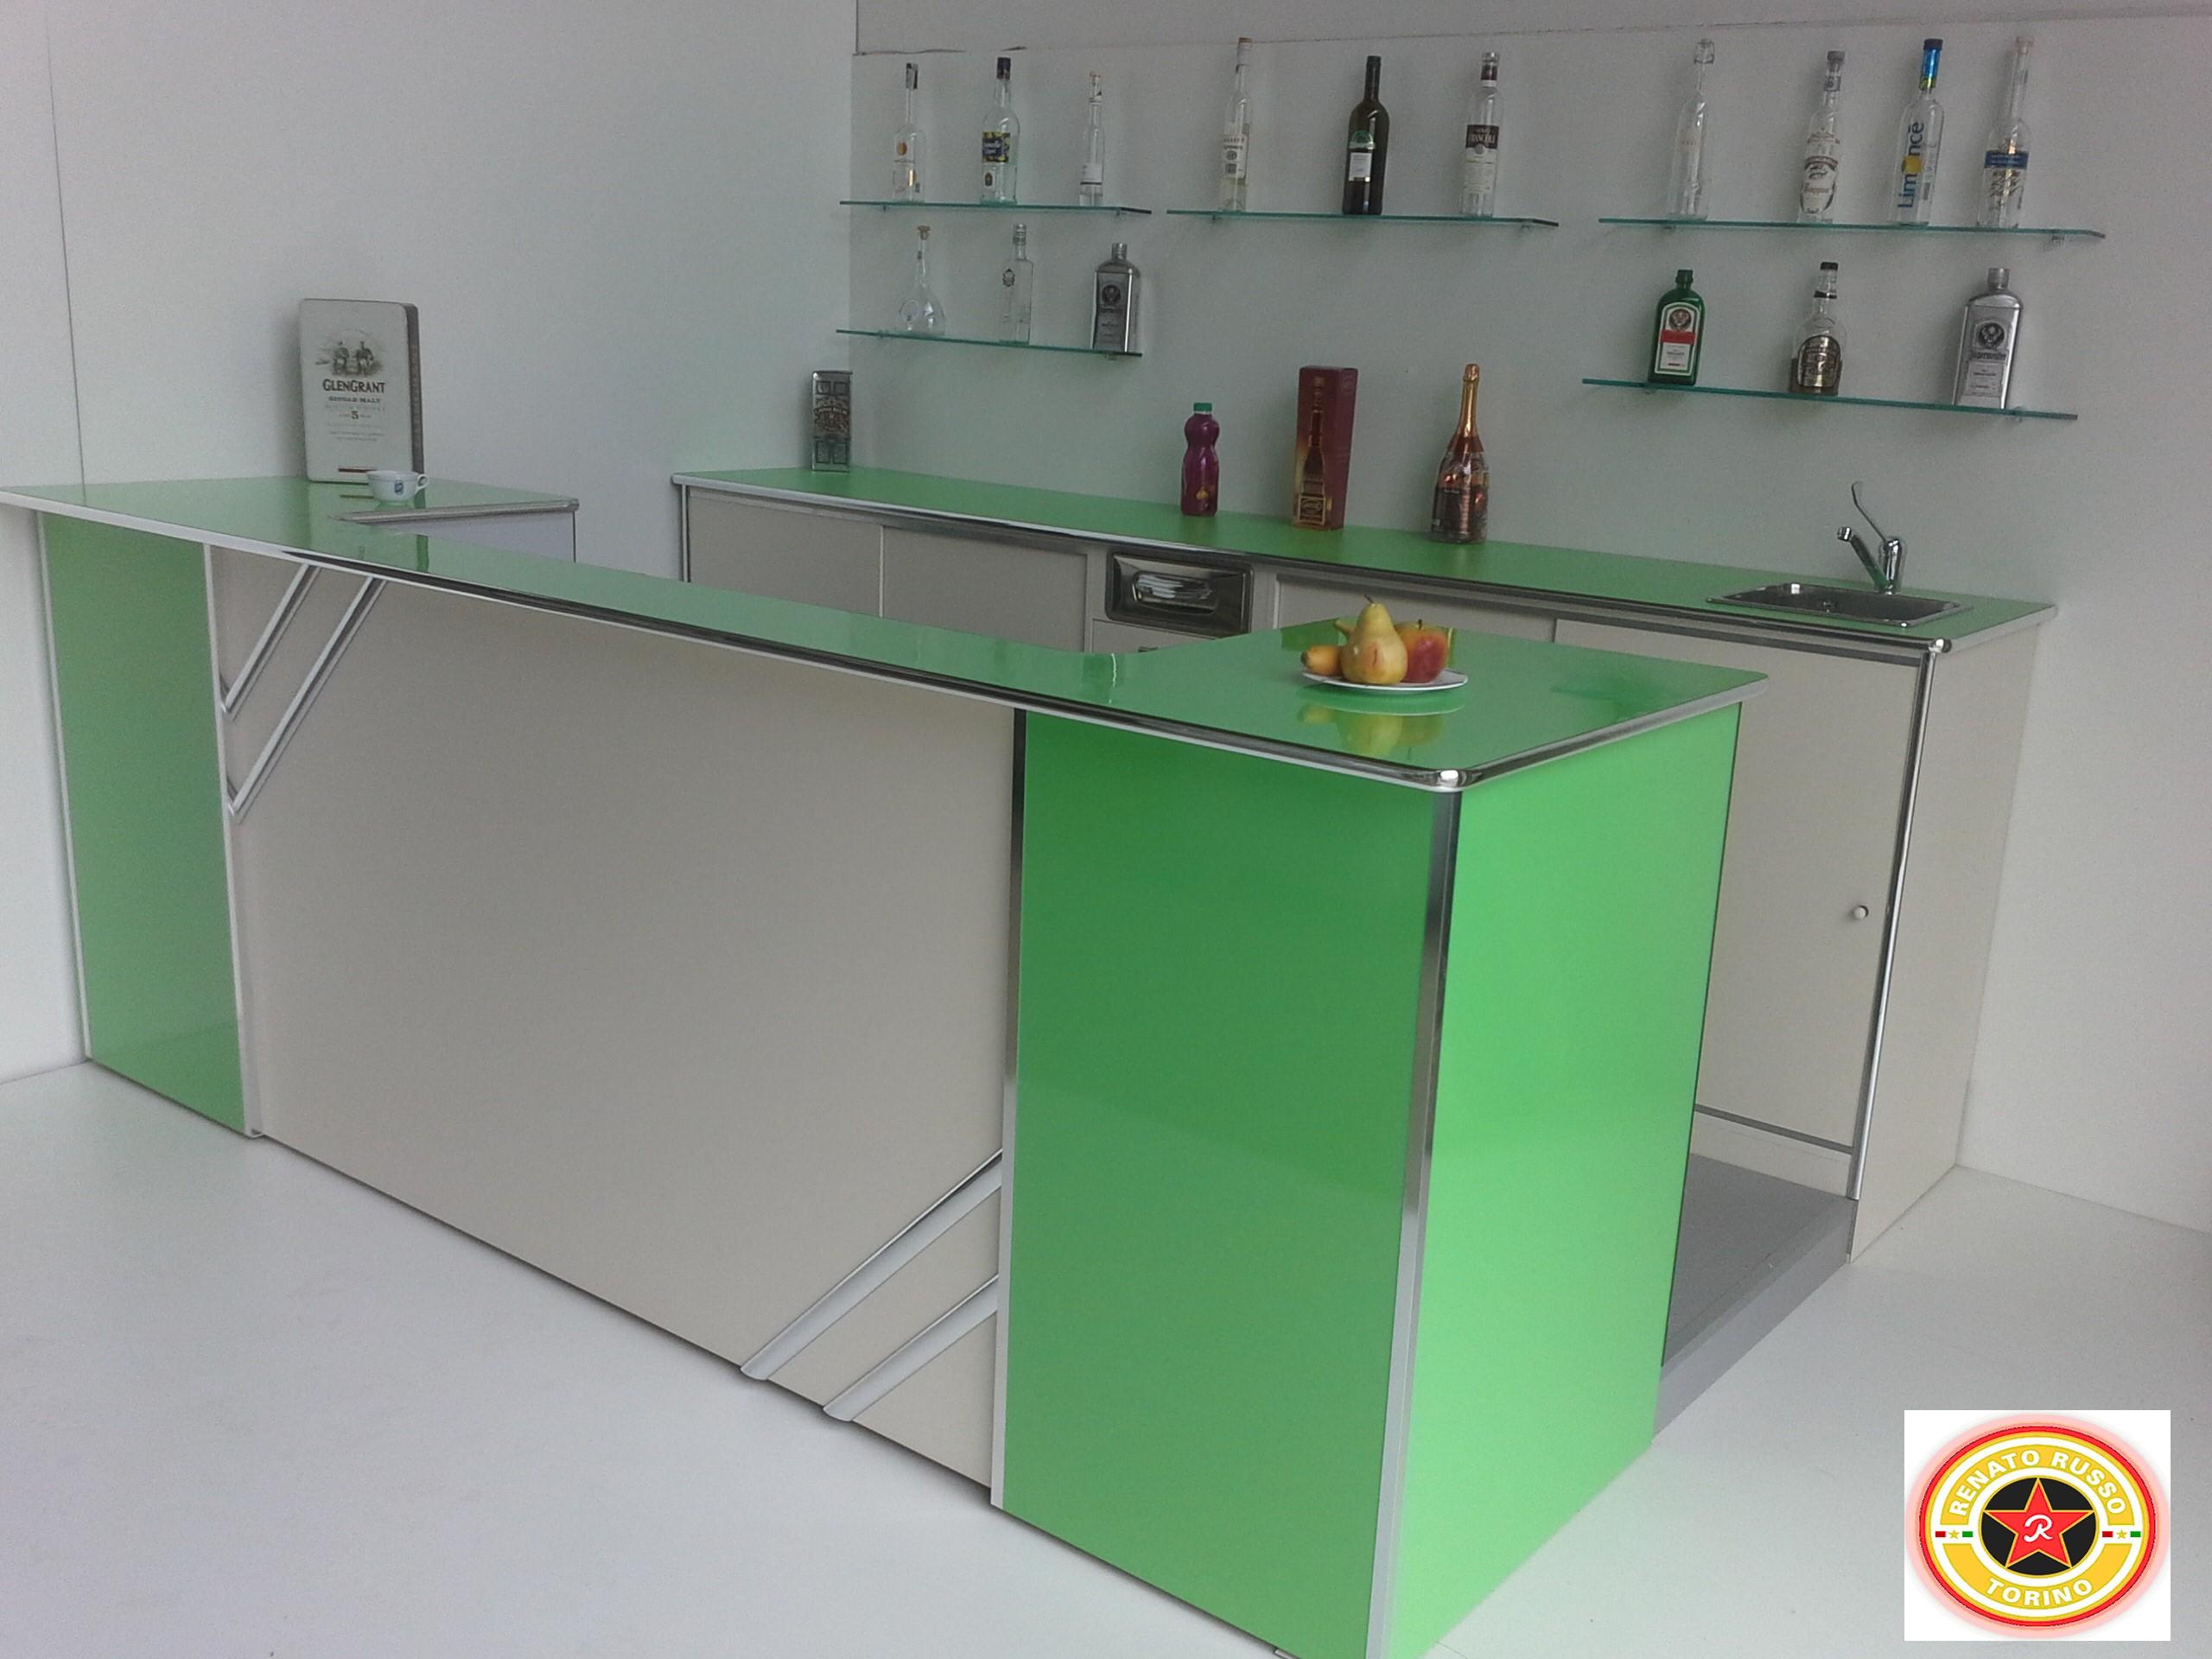 Stunning Cucine Usate Lombardia Ideas - bakeroffroad.us ...